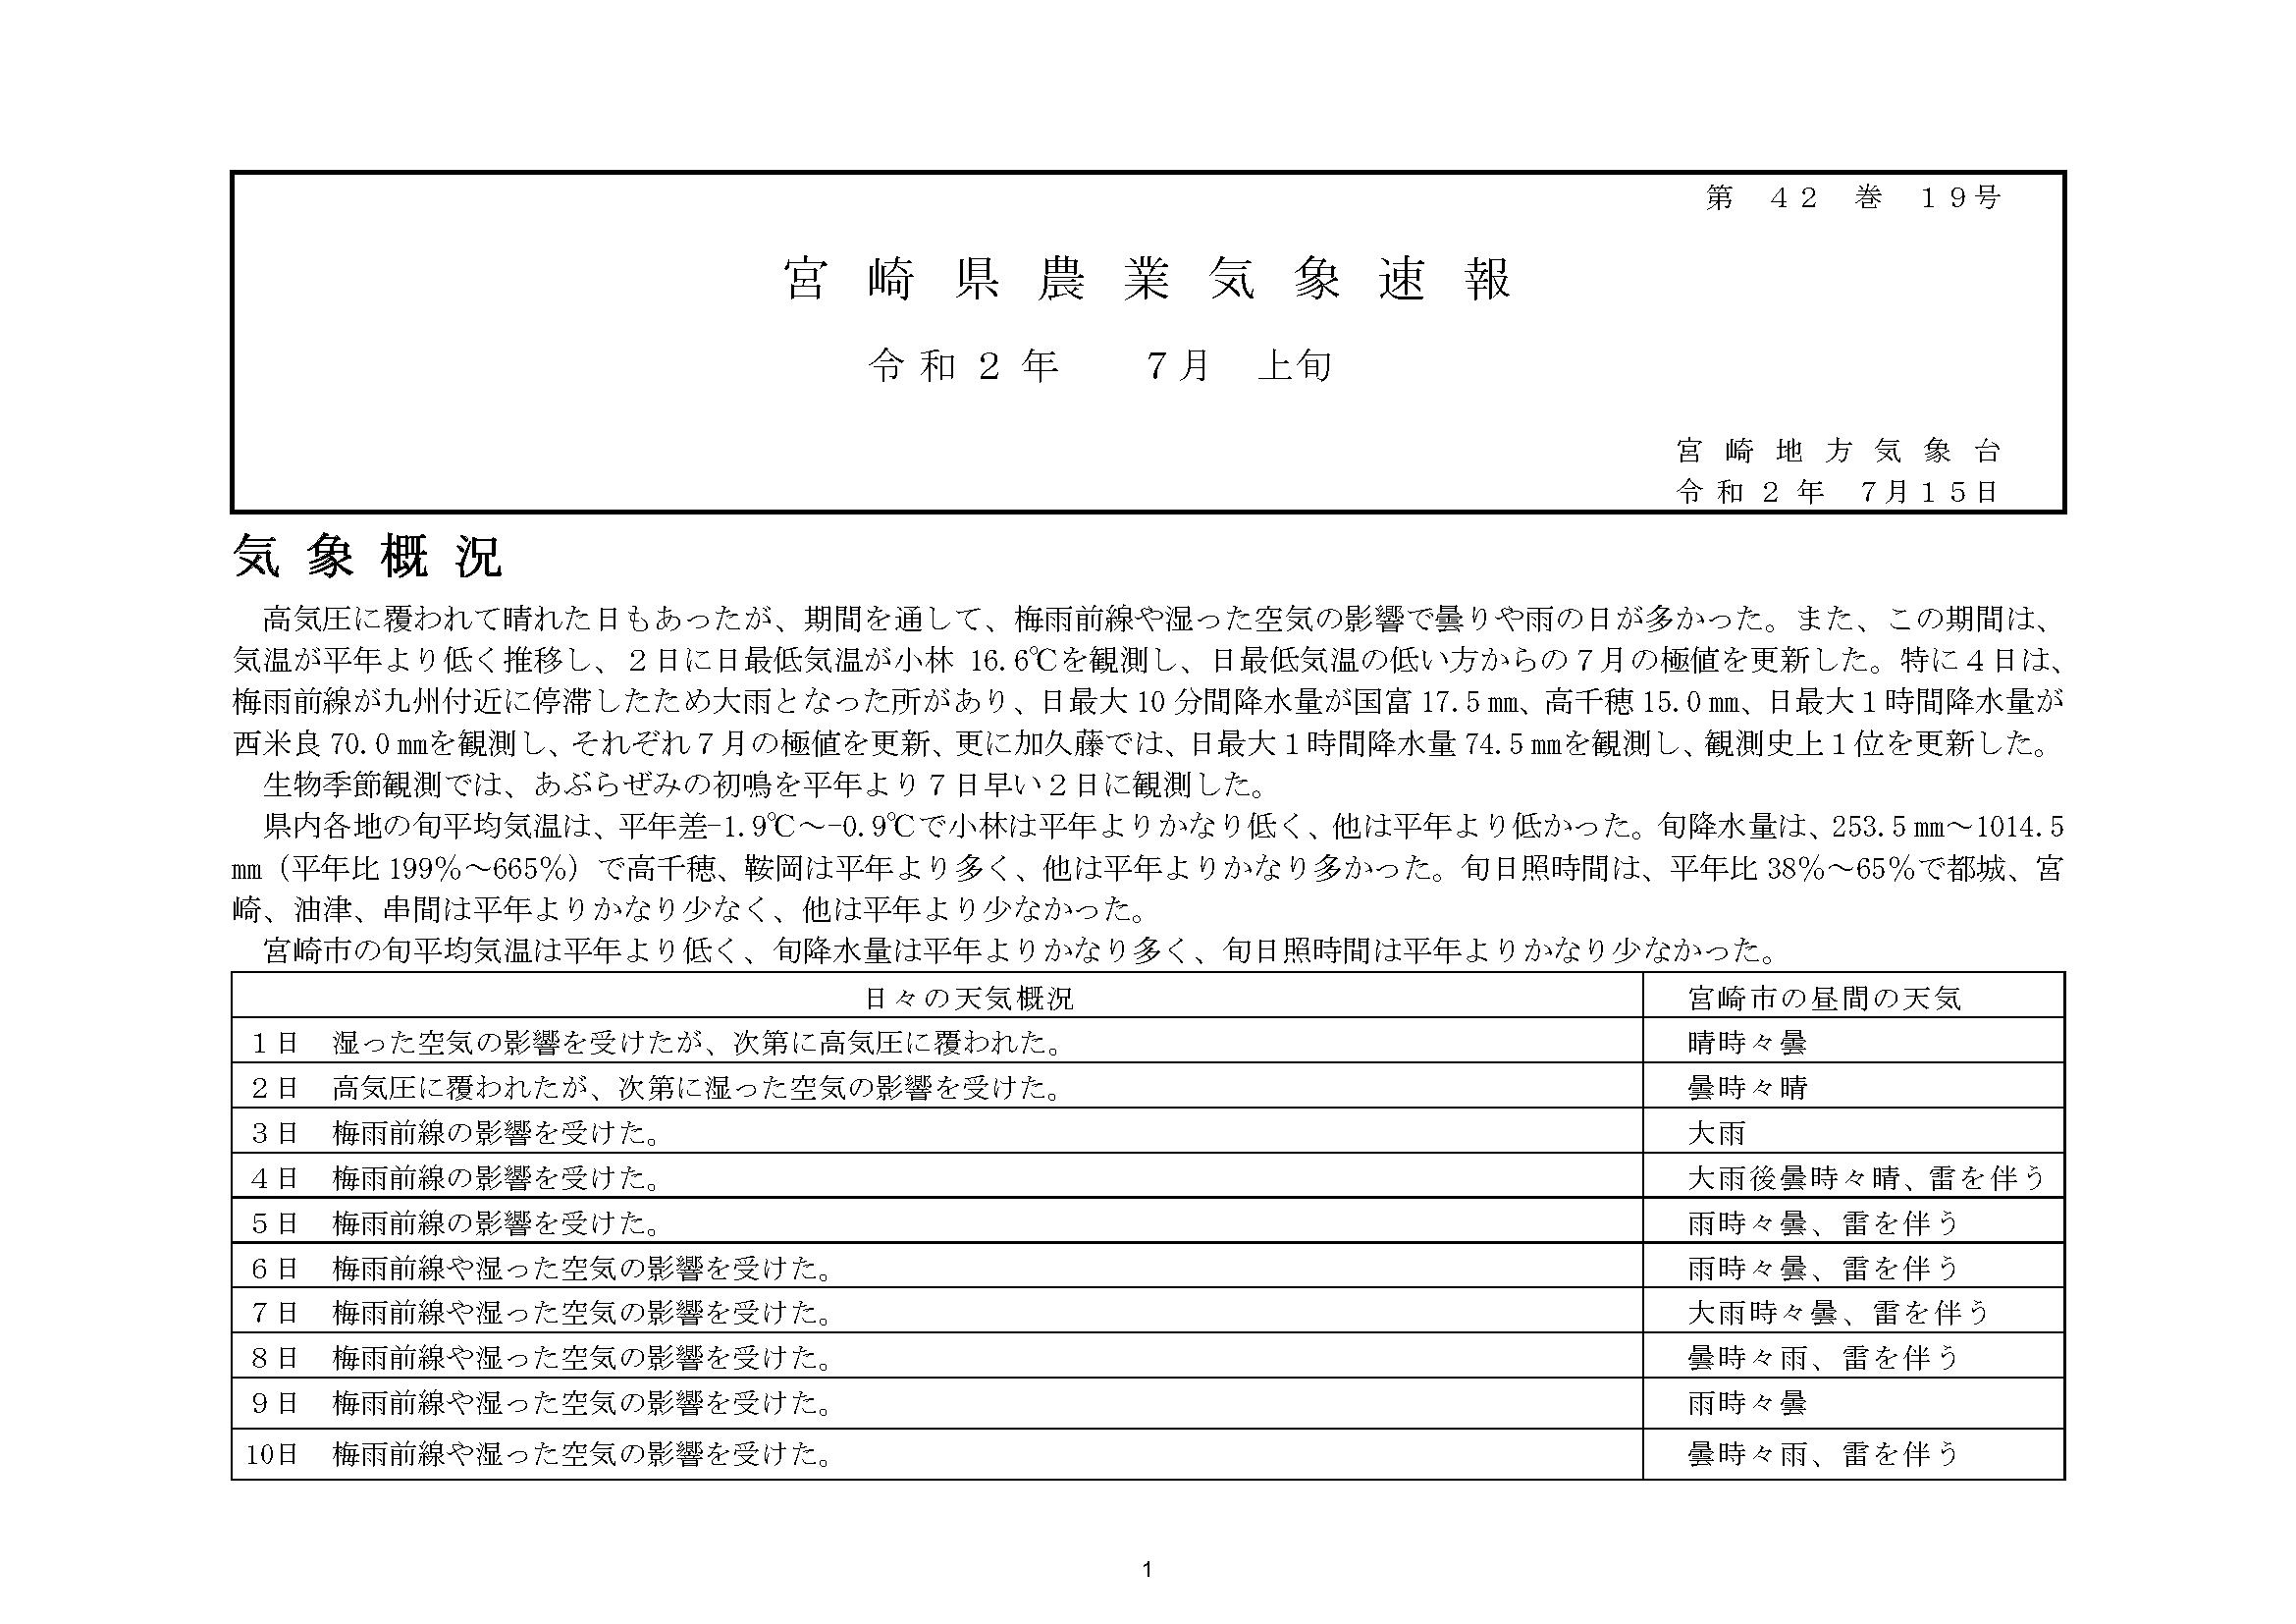 宮崎県農業気象速報令和2年7月上旬PDF